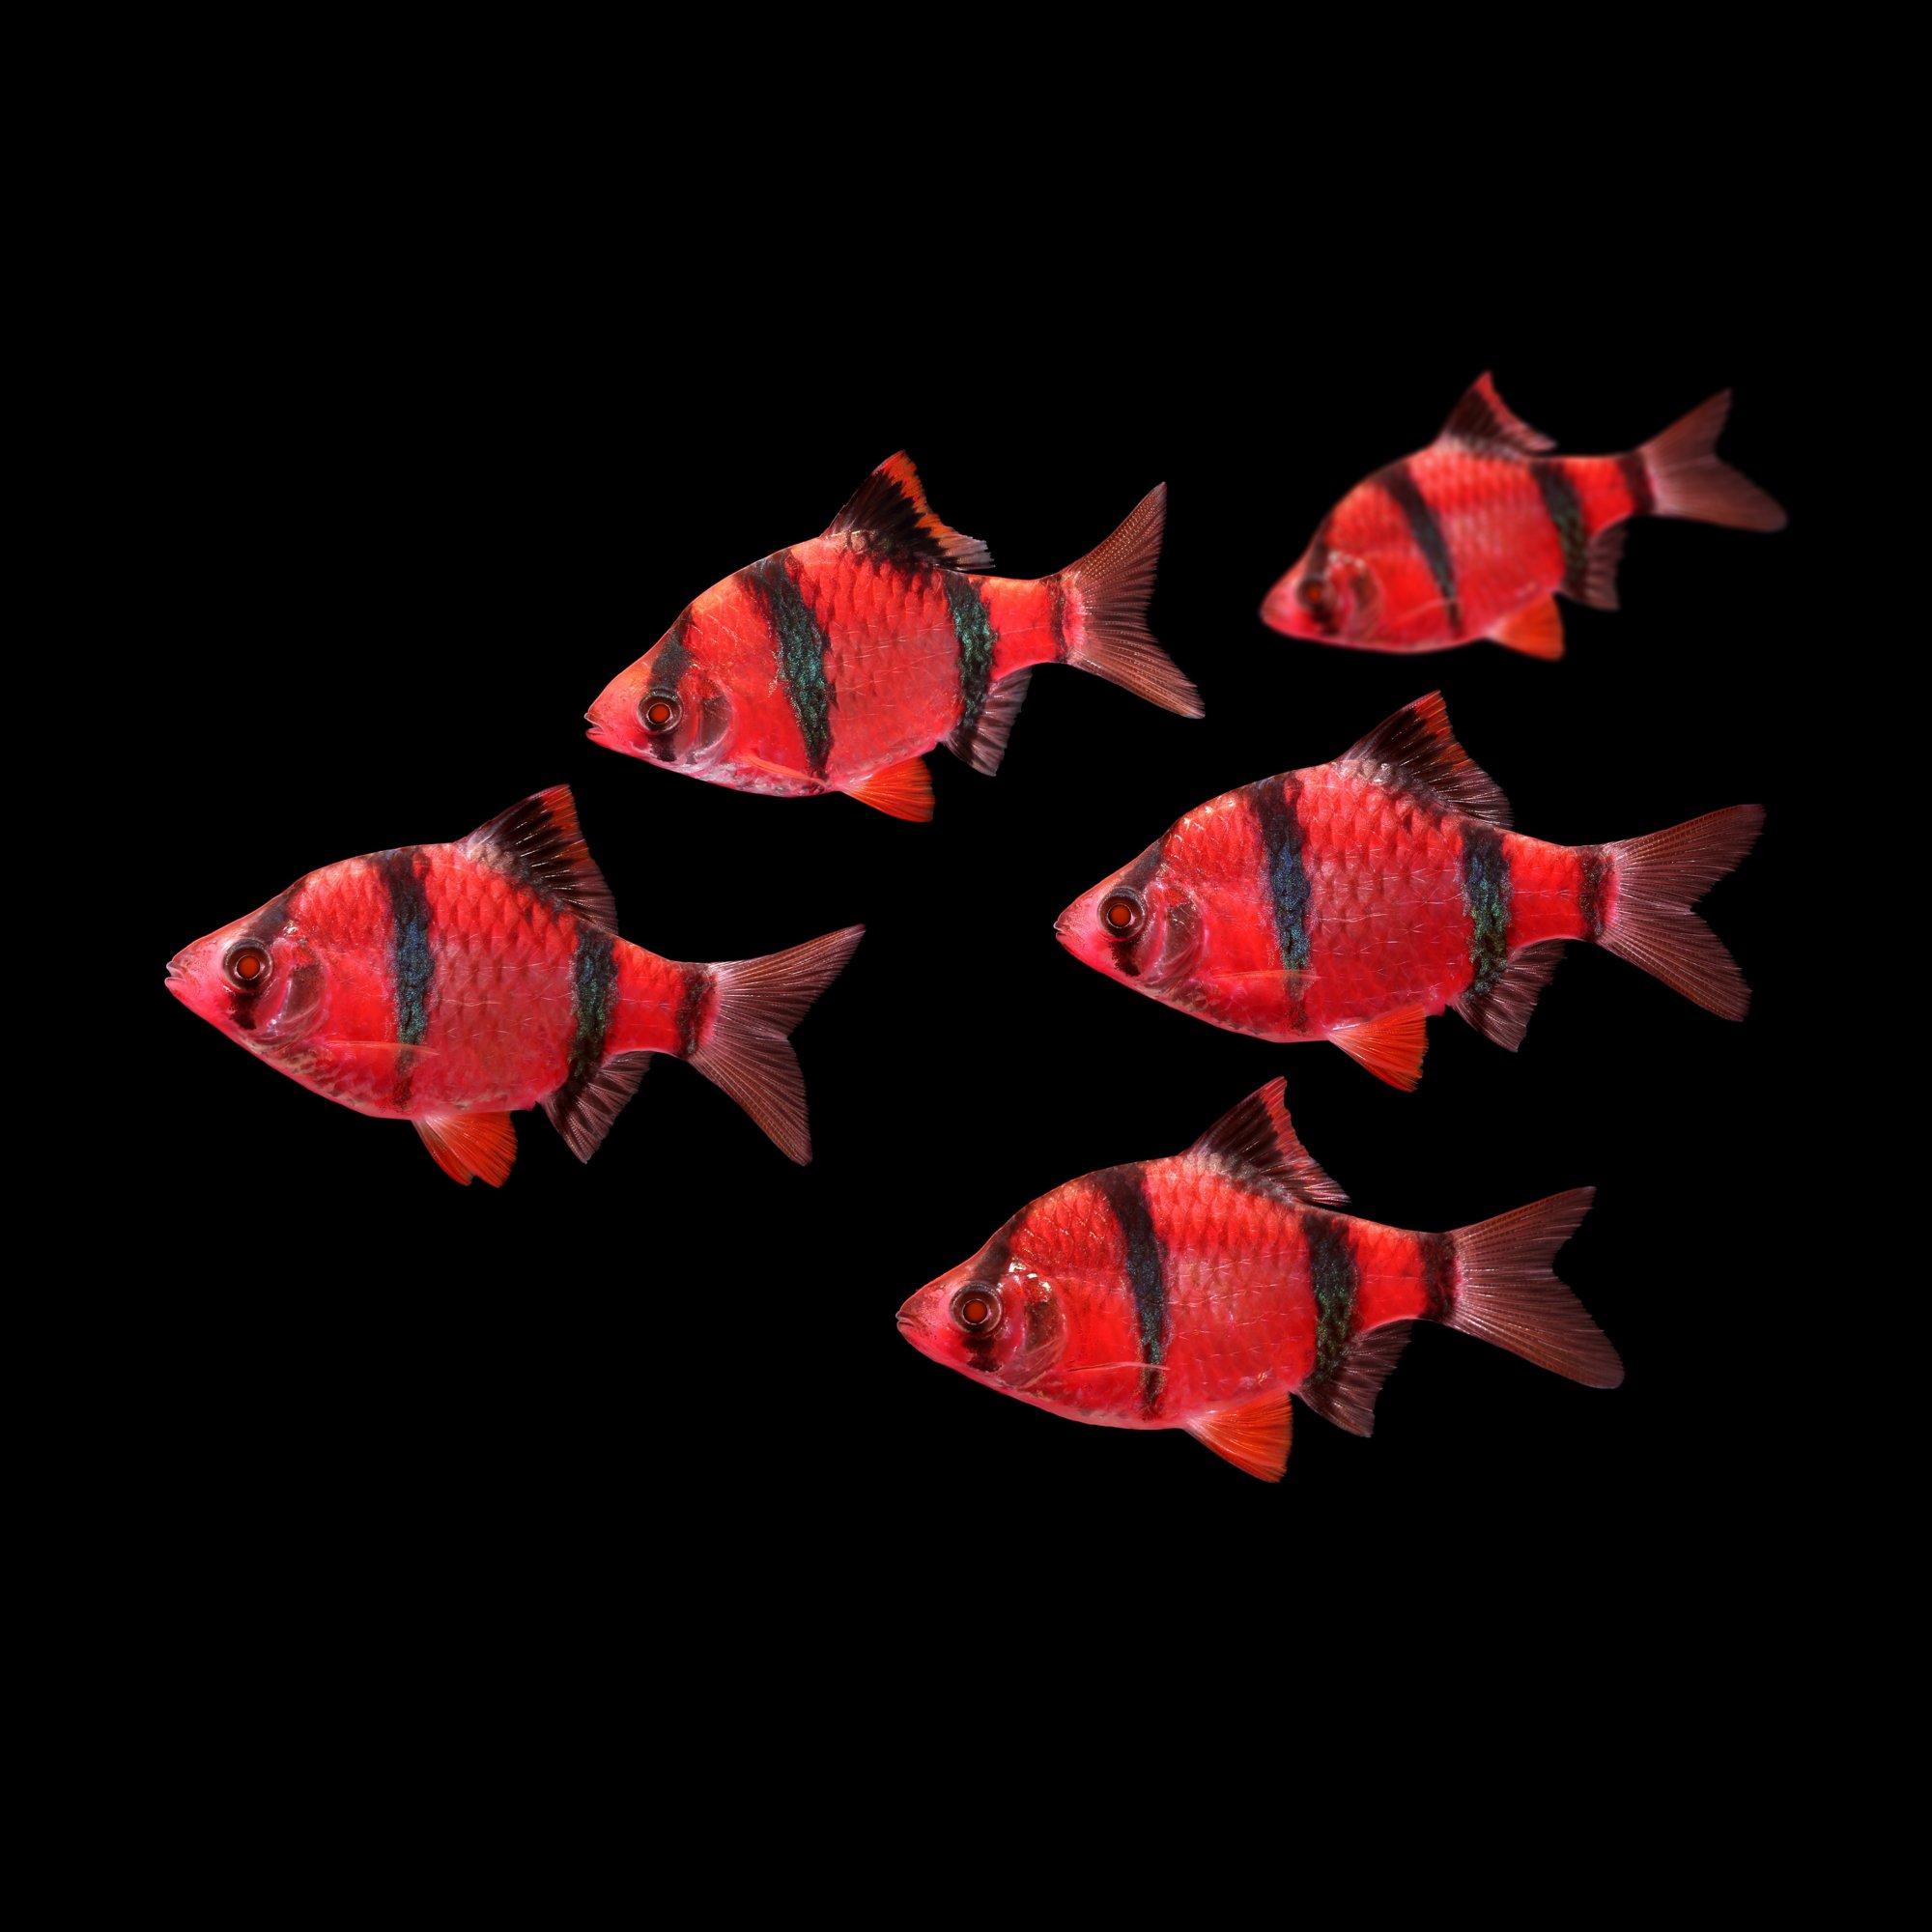 5-Pack Starfire Red Barb GloFish   Petco